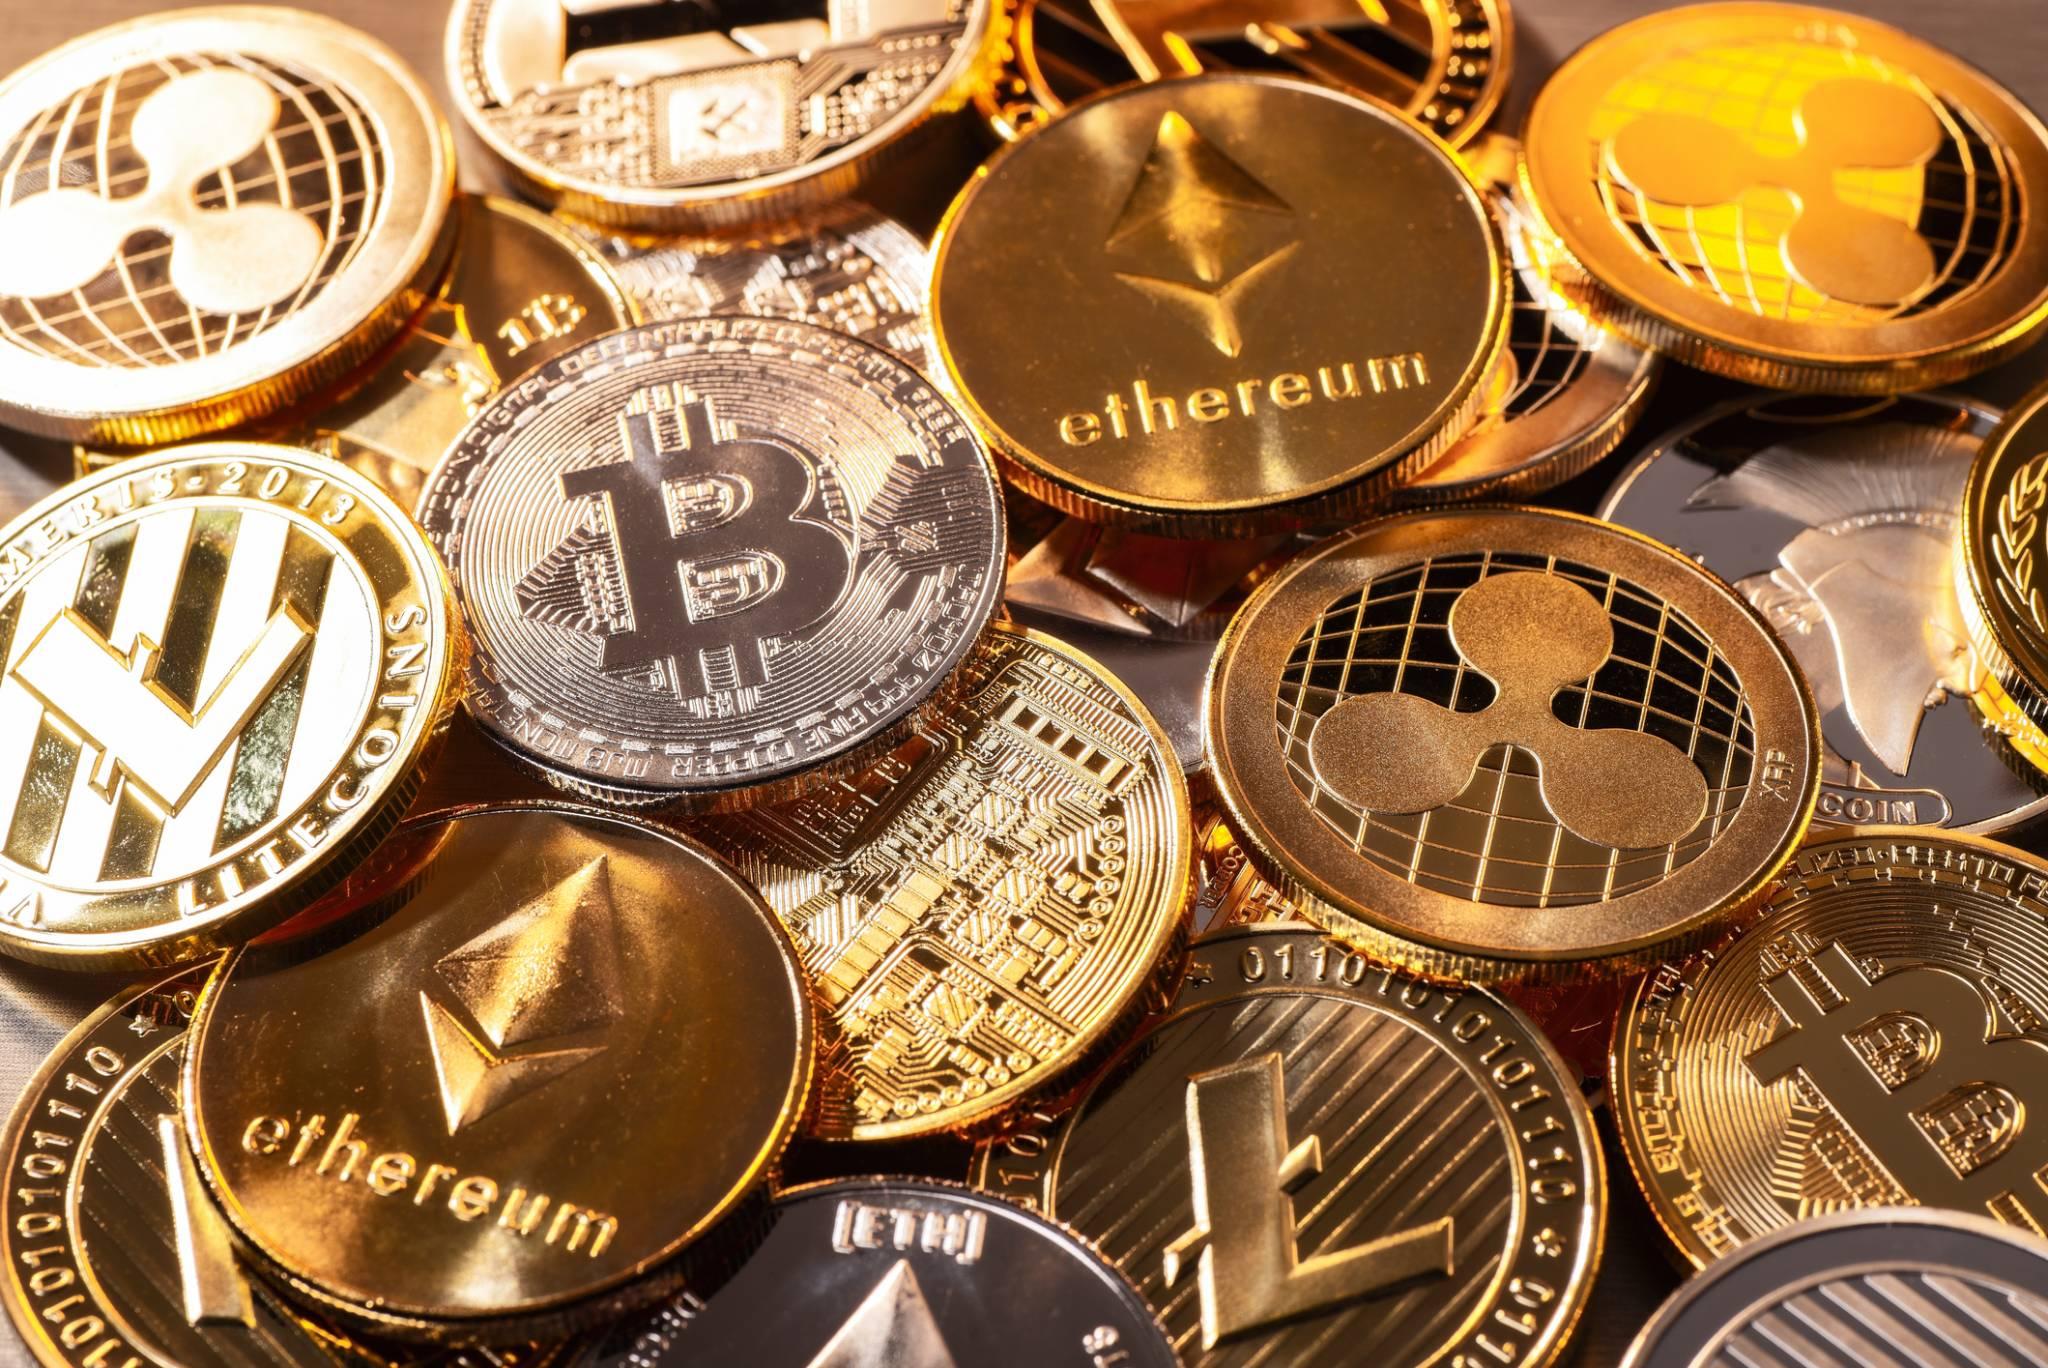 Las criptomonedas son una alternativa para invertir o rendir los aguinaldos de mitad de año